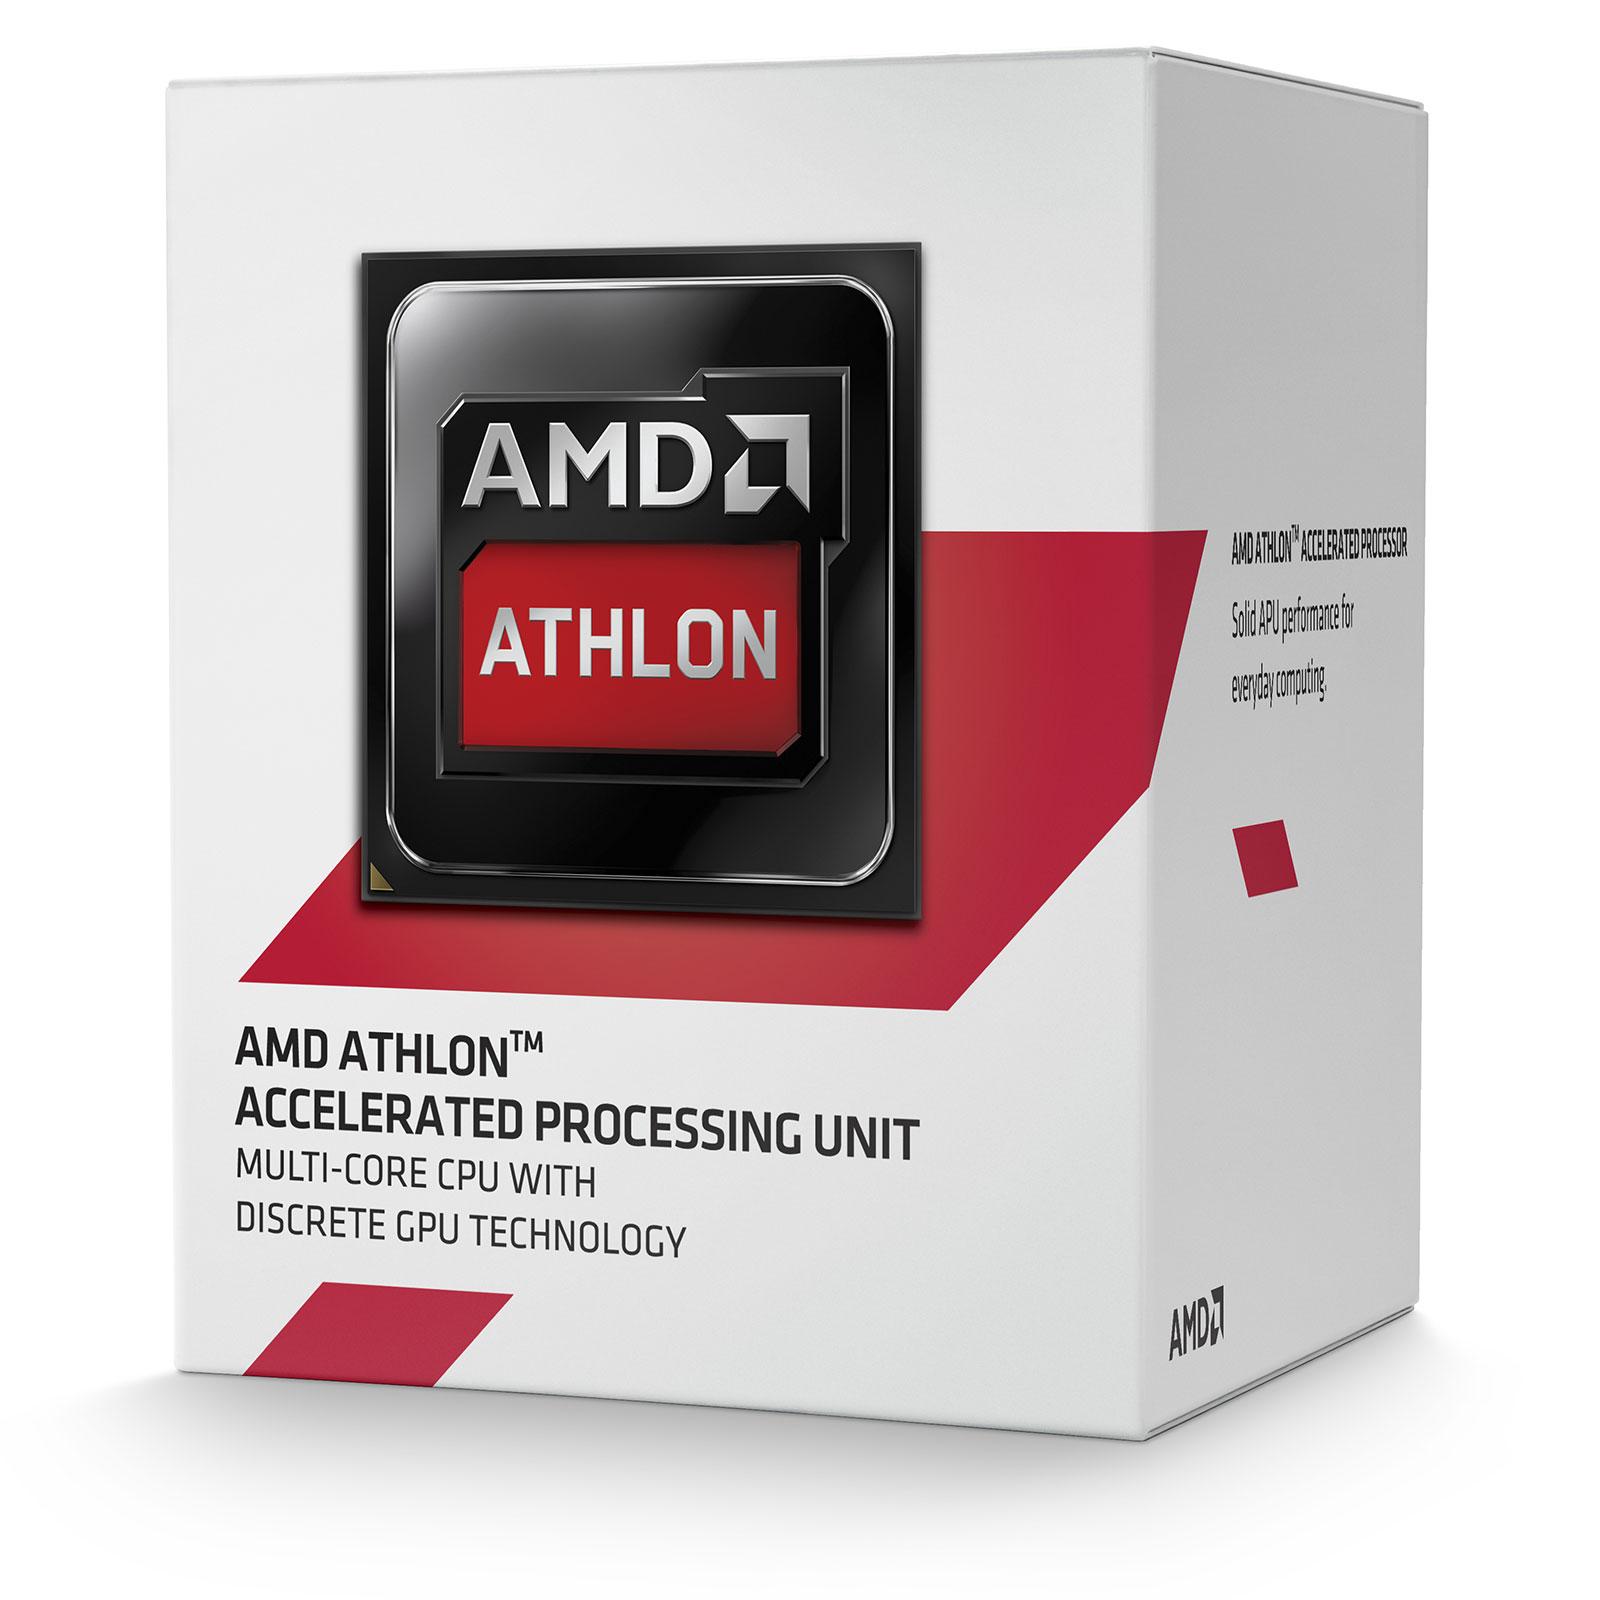 Processeur AMD Athlon 5150 (1.6 GHz) Processeur Quad Core Socket AM1 (FS1b) 0.028 micron Cache L2 2 Mo (version boîte - garantie constructeur 3 ans)